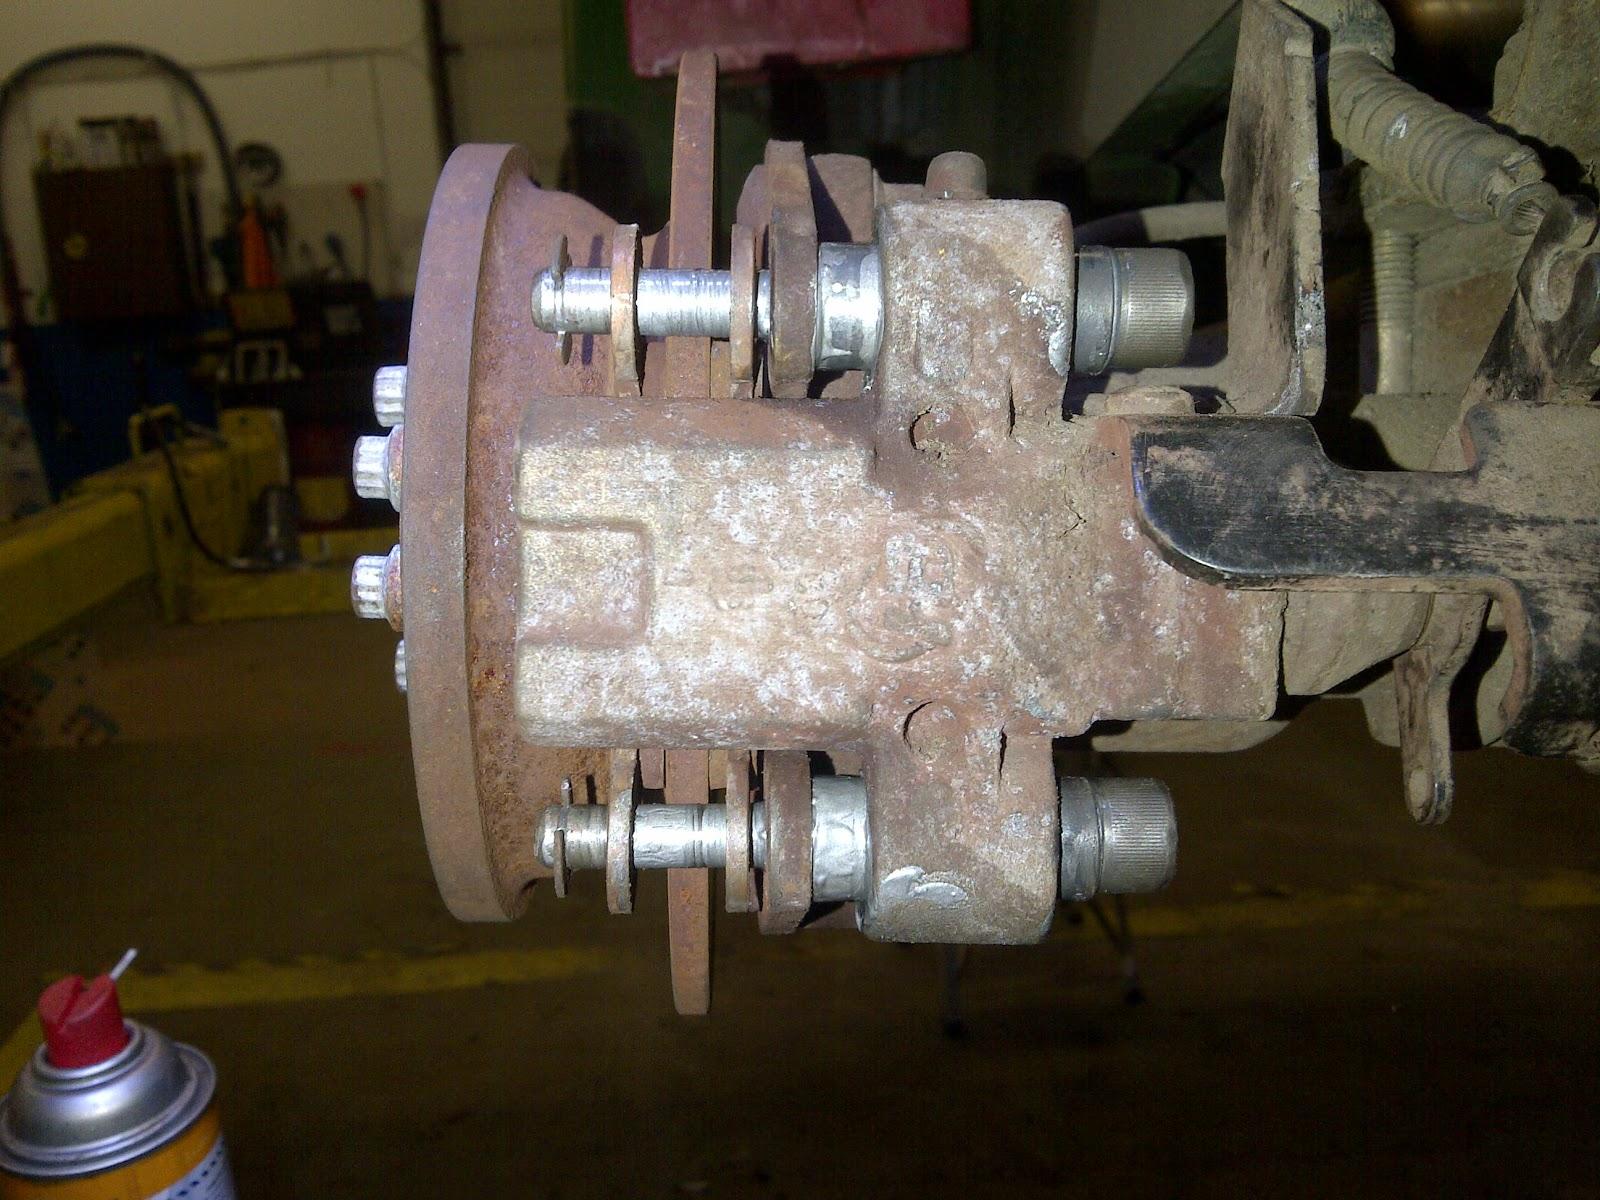 Bobs Shop TX Turf Gator Disc Brake service – John Deere Gator 2x4 Wiring Diagram